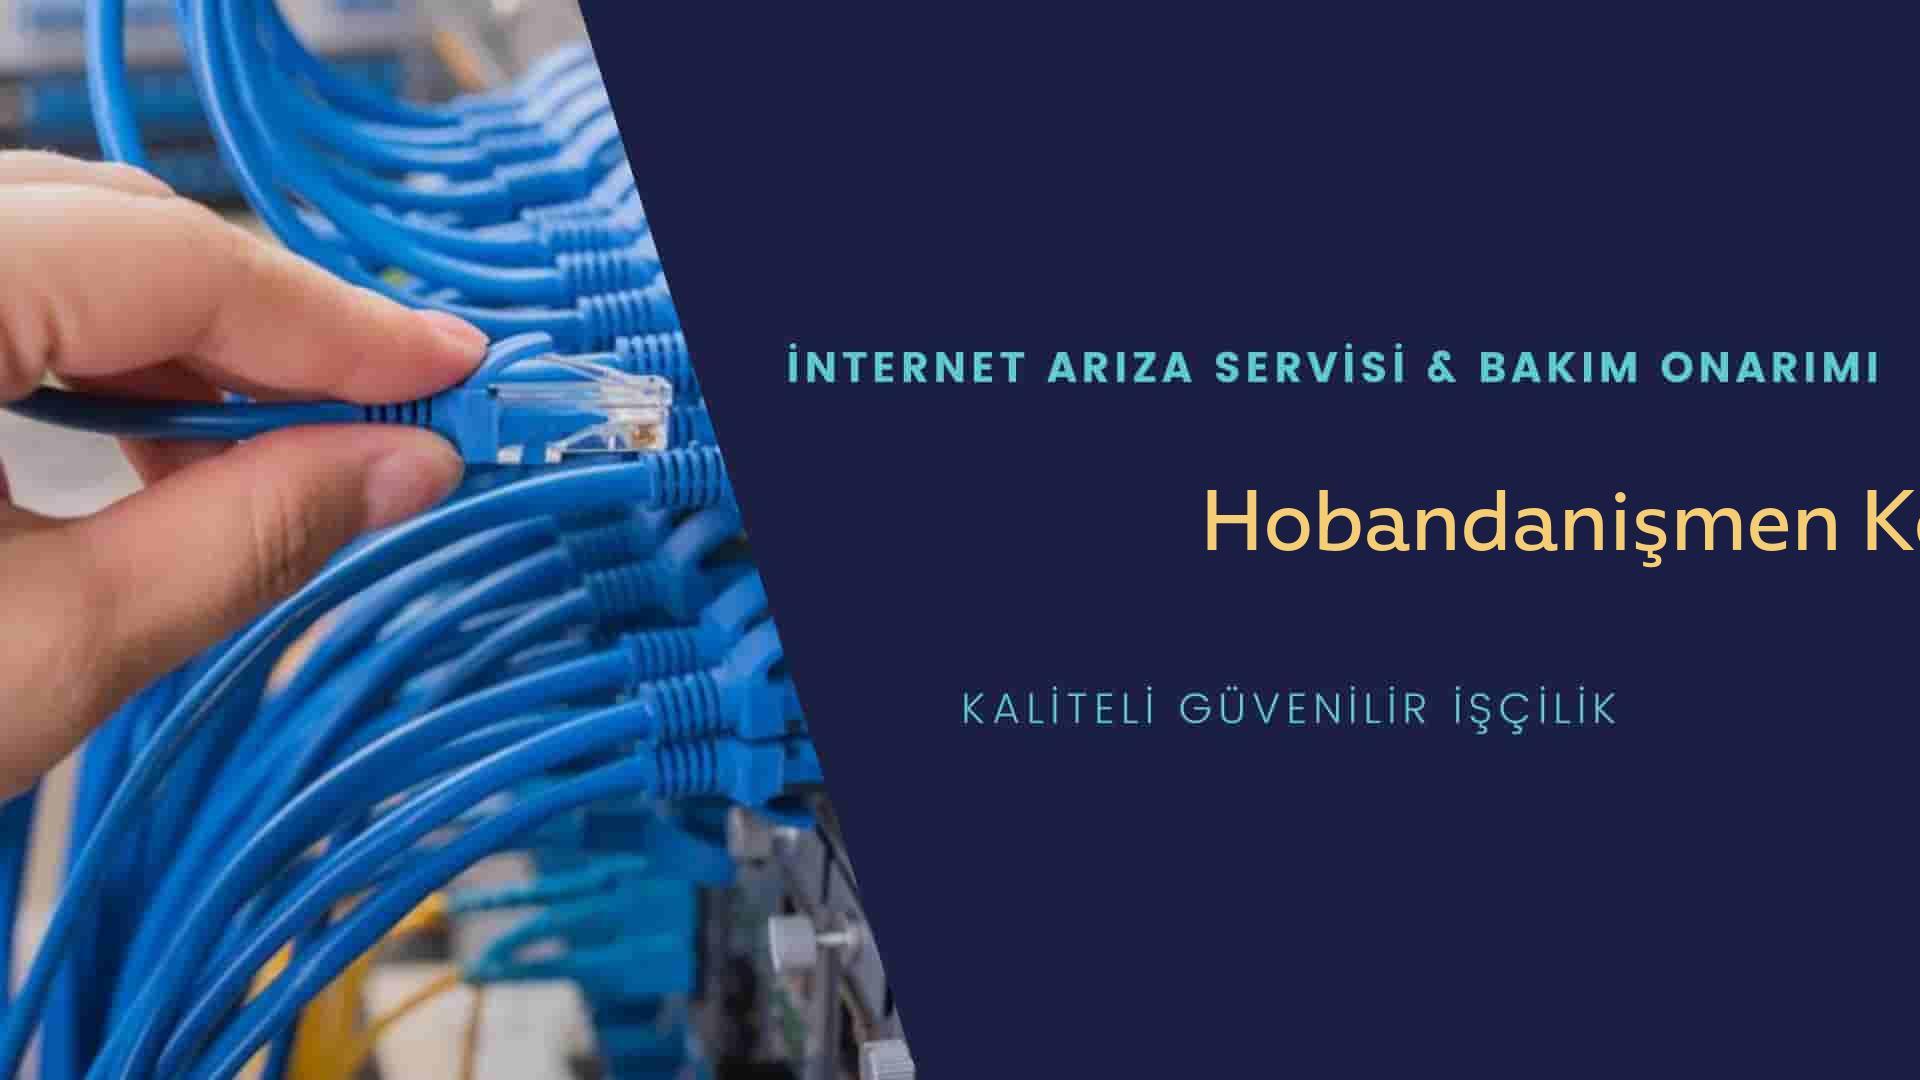 Hobandanişmen Köyü internet kablosu çekimi yapan yerler veya elektrikçiler mi? arıyorsunuz doğru yerdesiniz o zaman sizlere 7/24 yardımcı olacak profesyonel ustalarımız bir telefon kadar yakındır size.